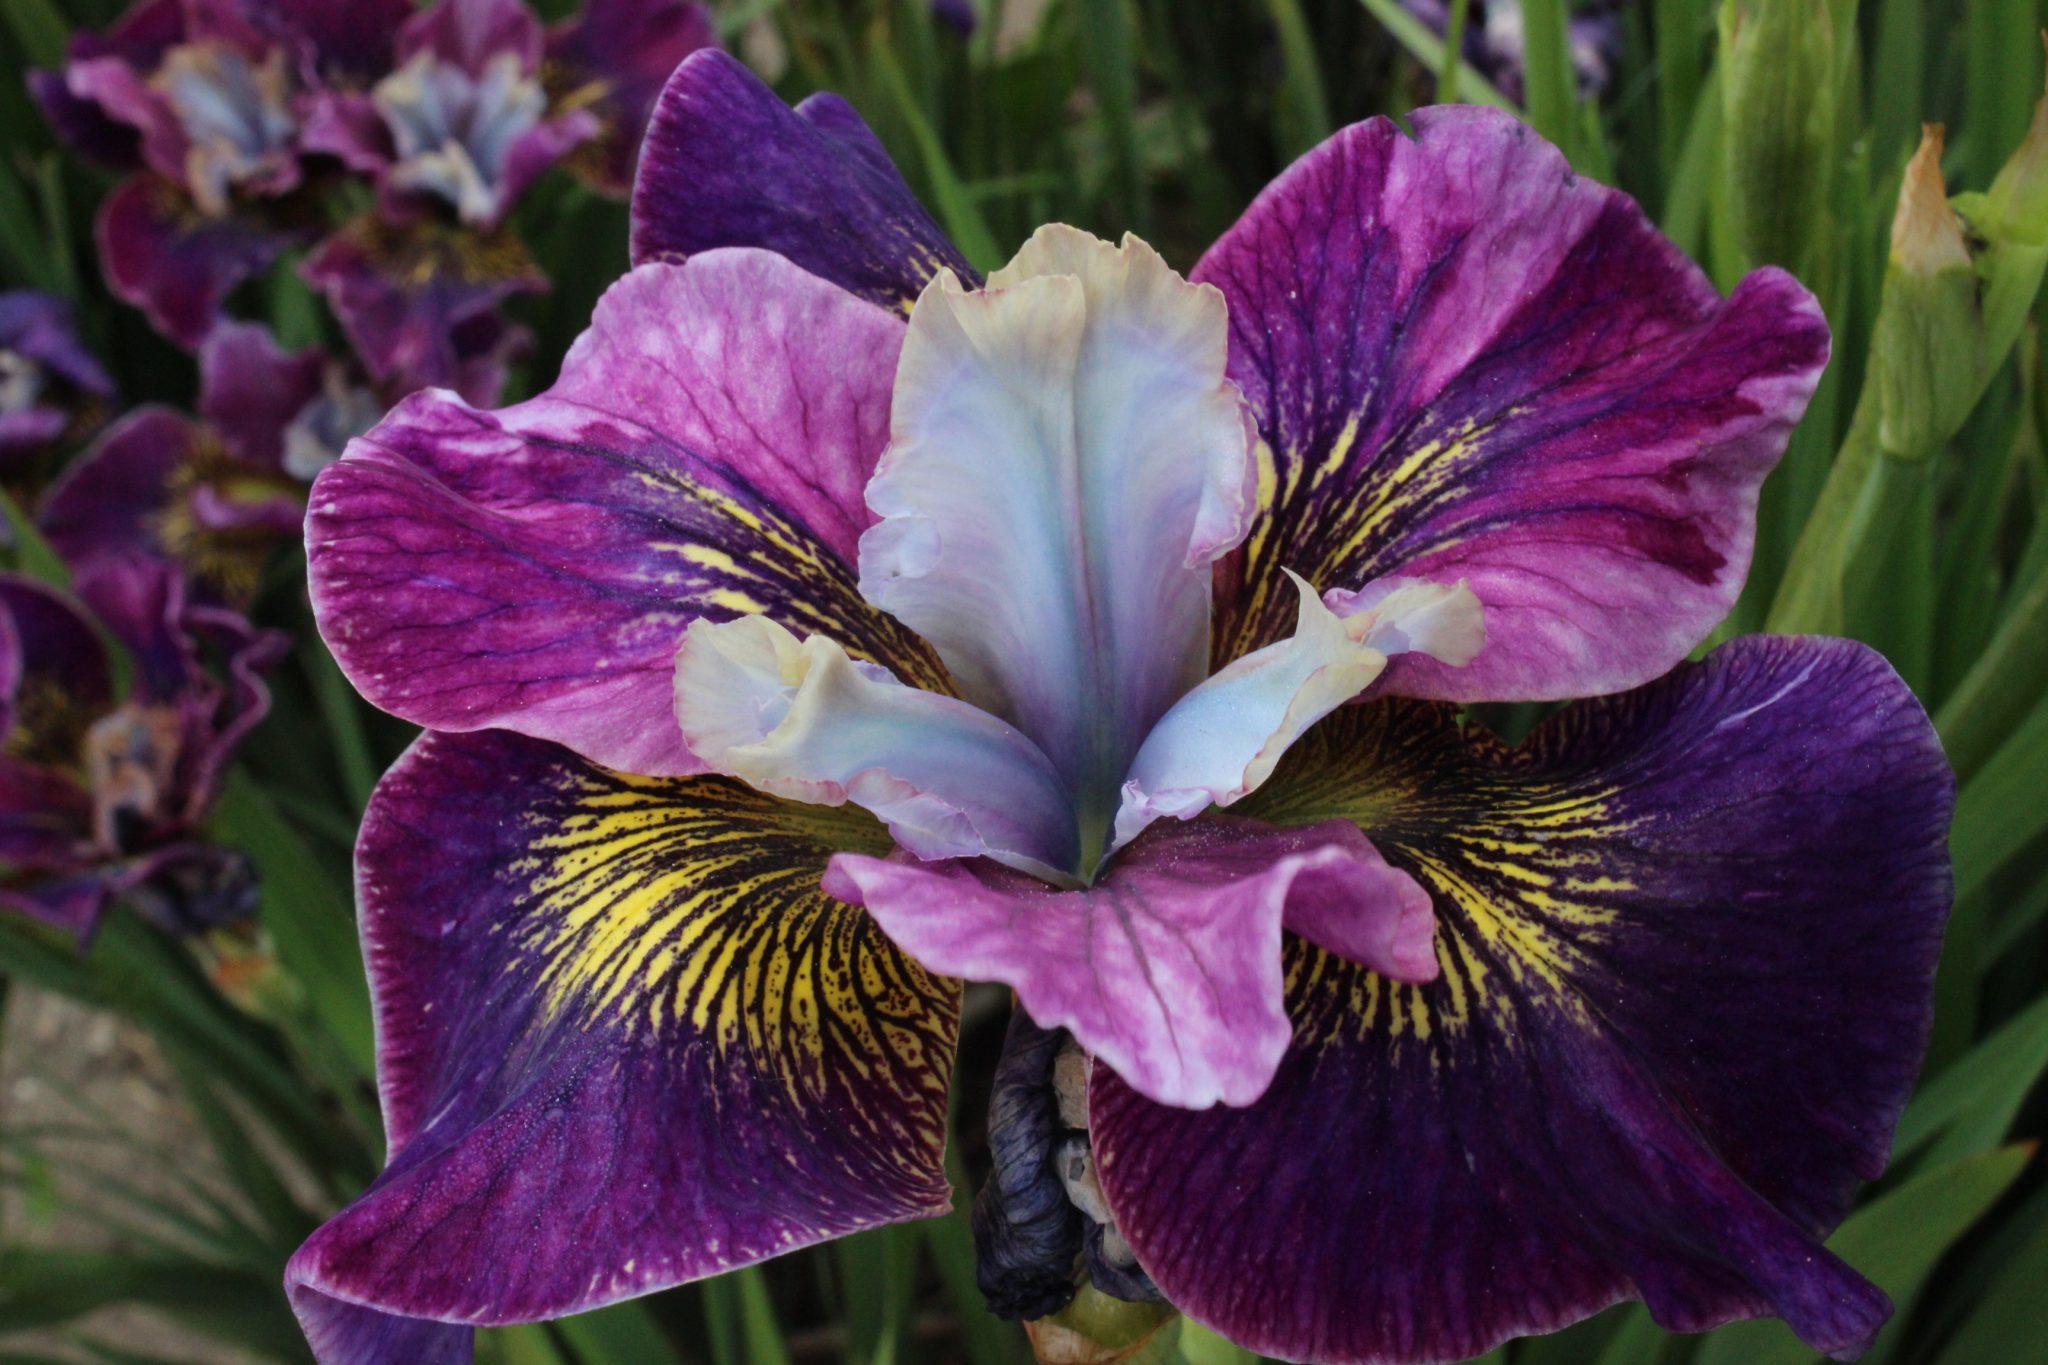 Iris Sibirica Peacock ButterflyR Charming BillyR